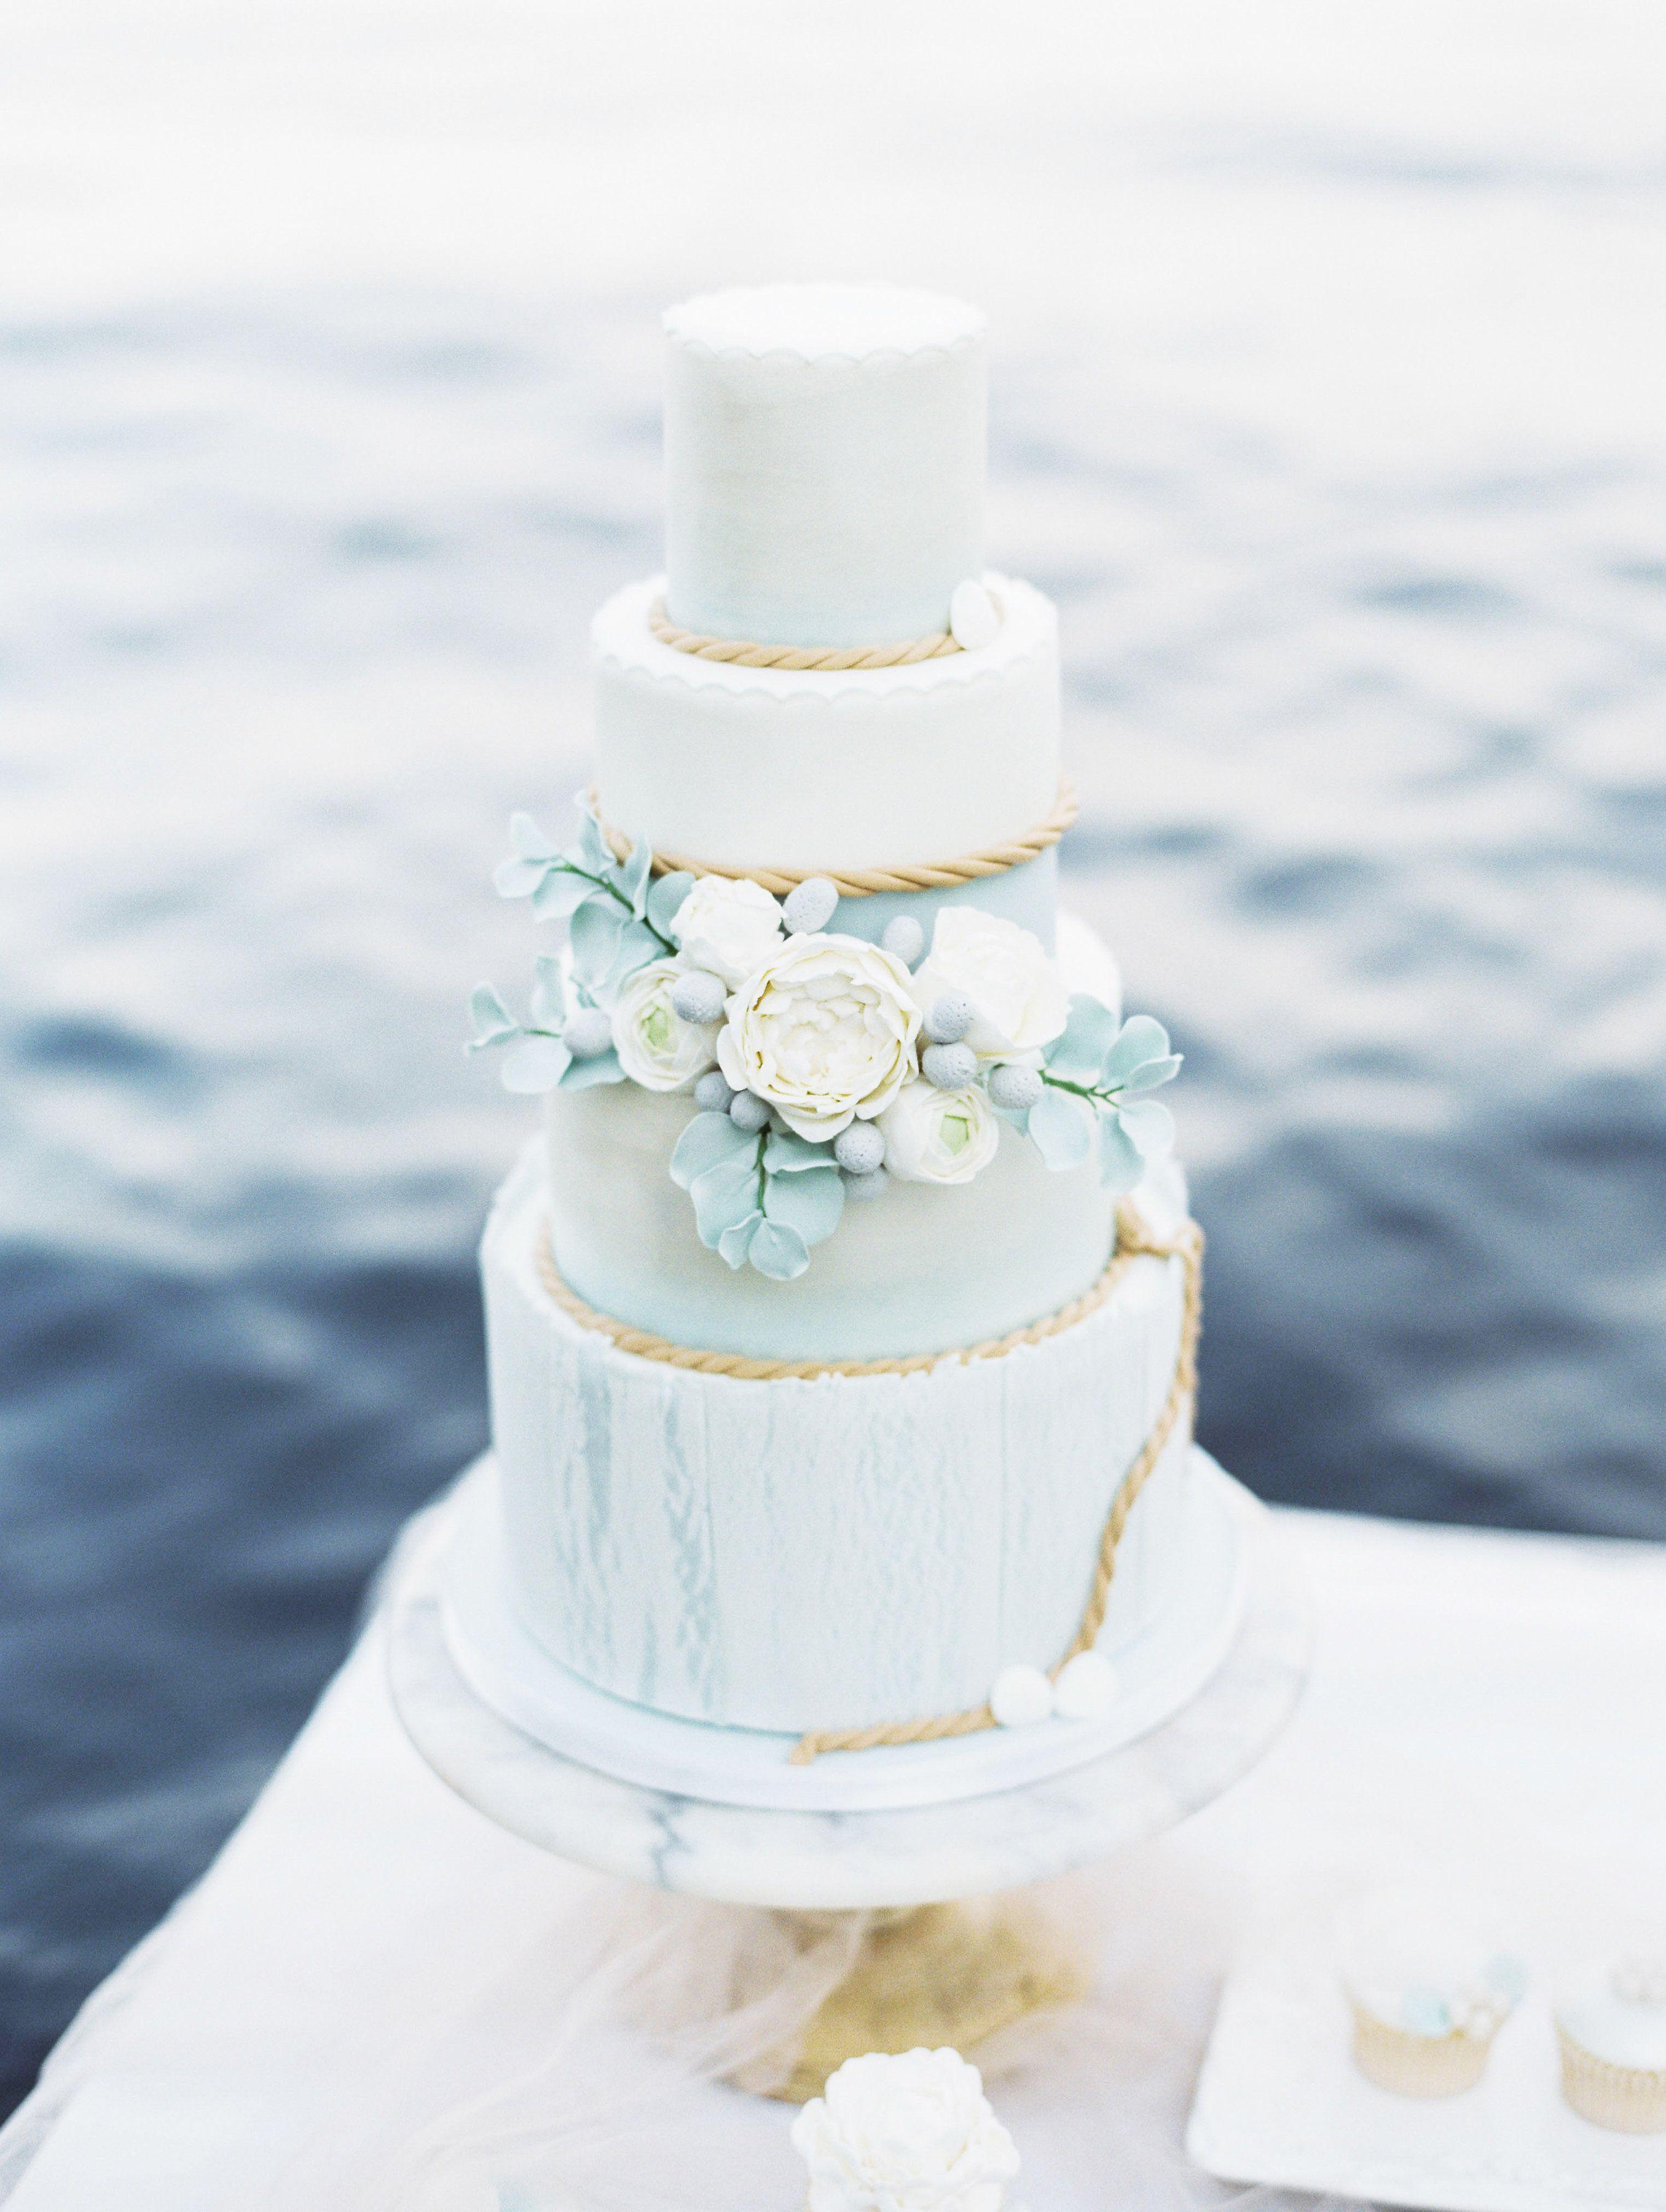 Coastal themed wedding cake. Blue and white wedding cake with washed ...